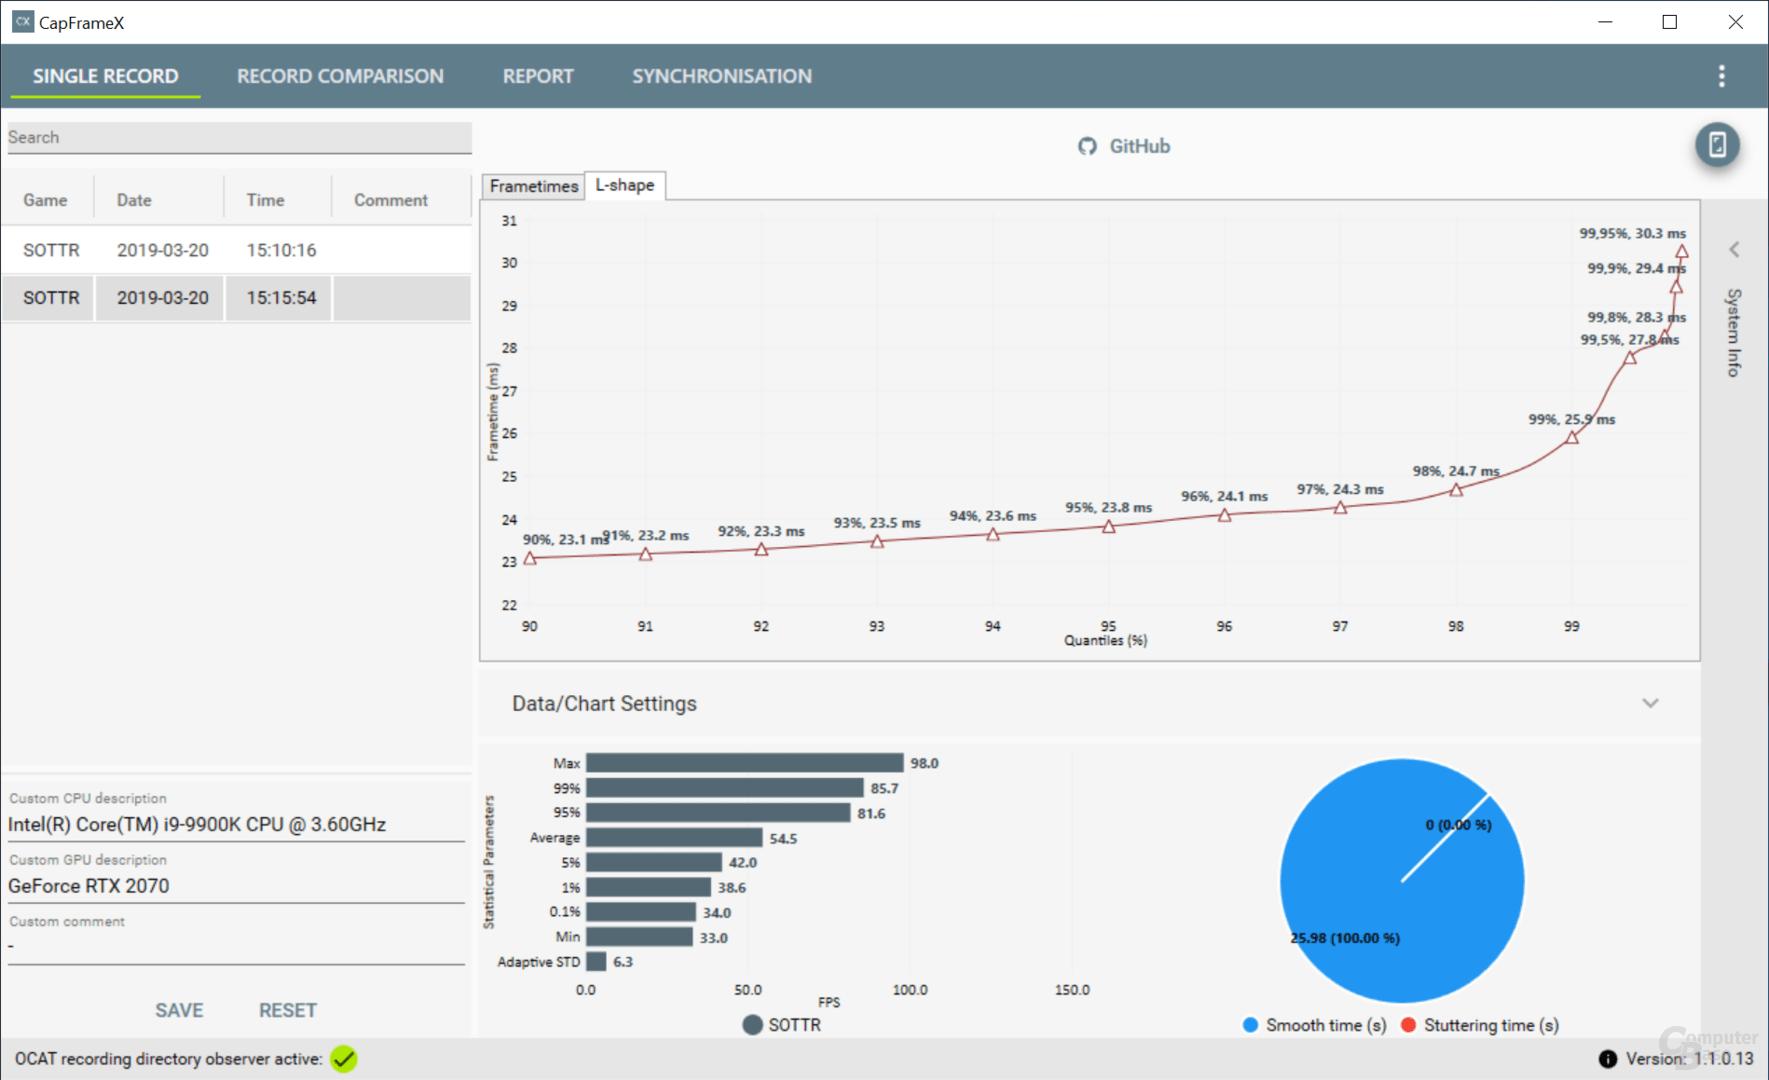 CapFrameX wertet OCAT-Messungen grafisch aus